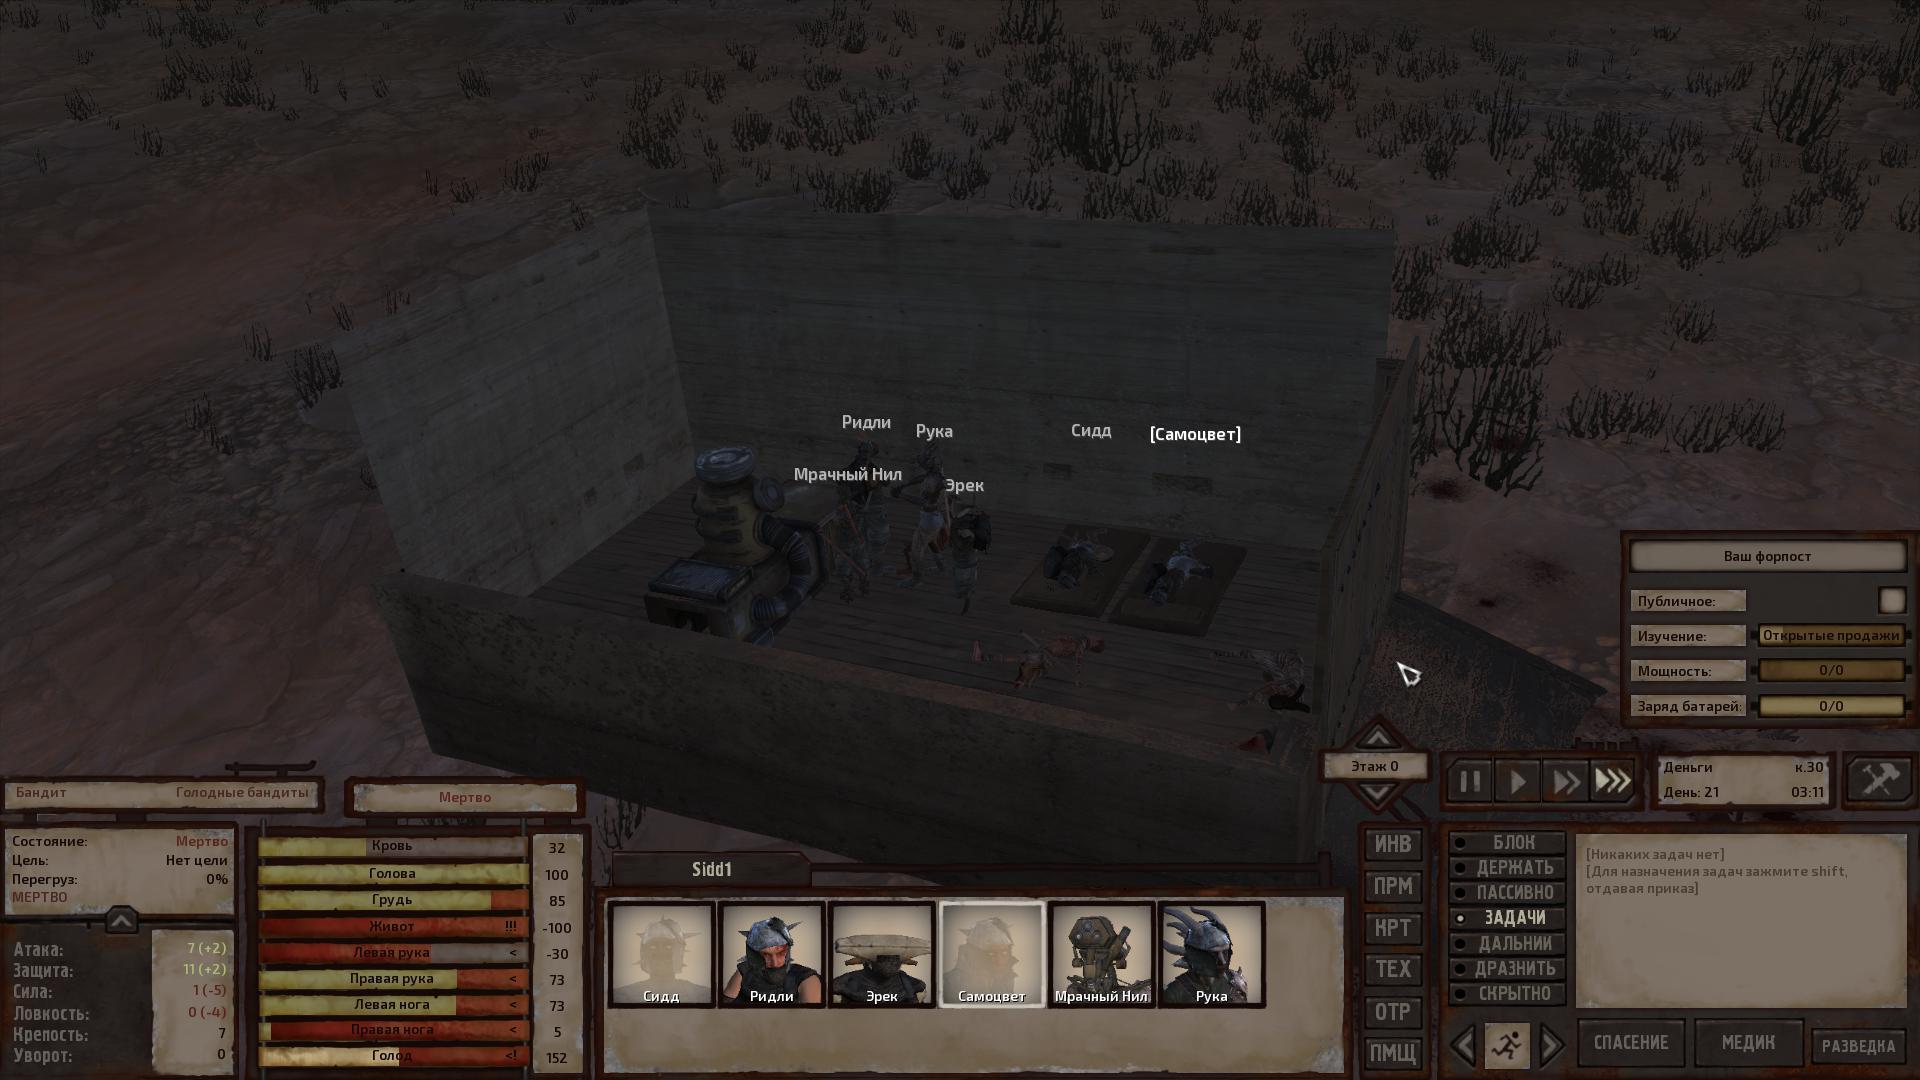 screenshot_29-jpg.5252